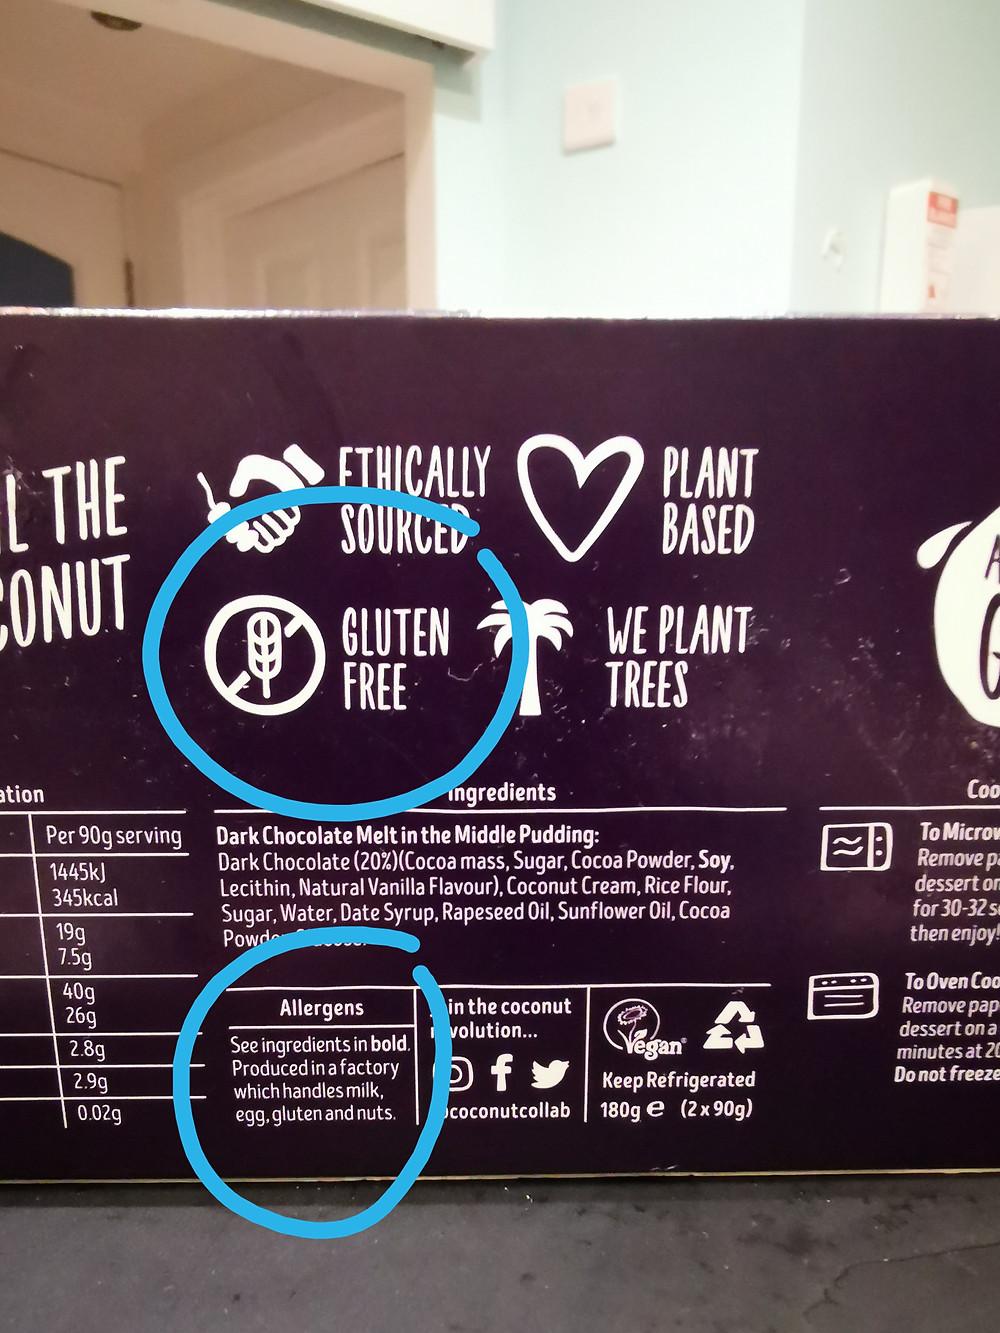 Gluten-free or is it?